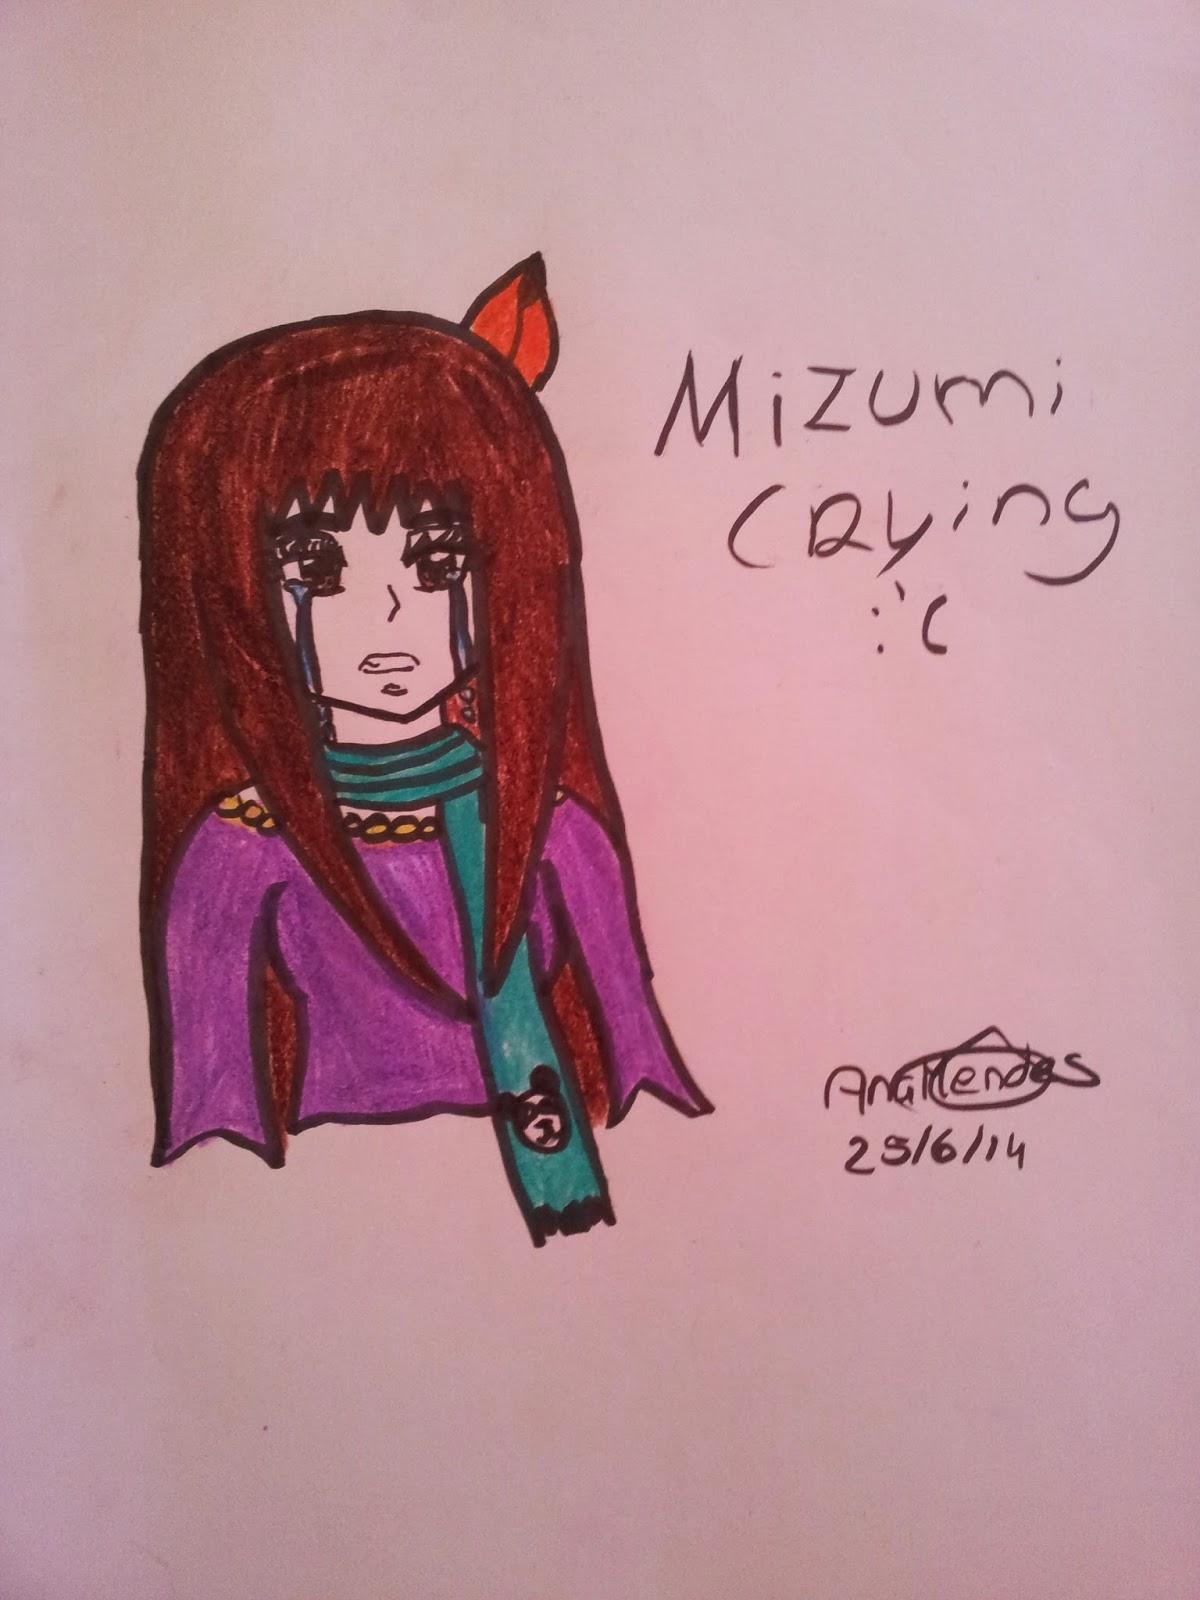 Galeria da Mizumi-Chan  - Página 7 20140626_120439